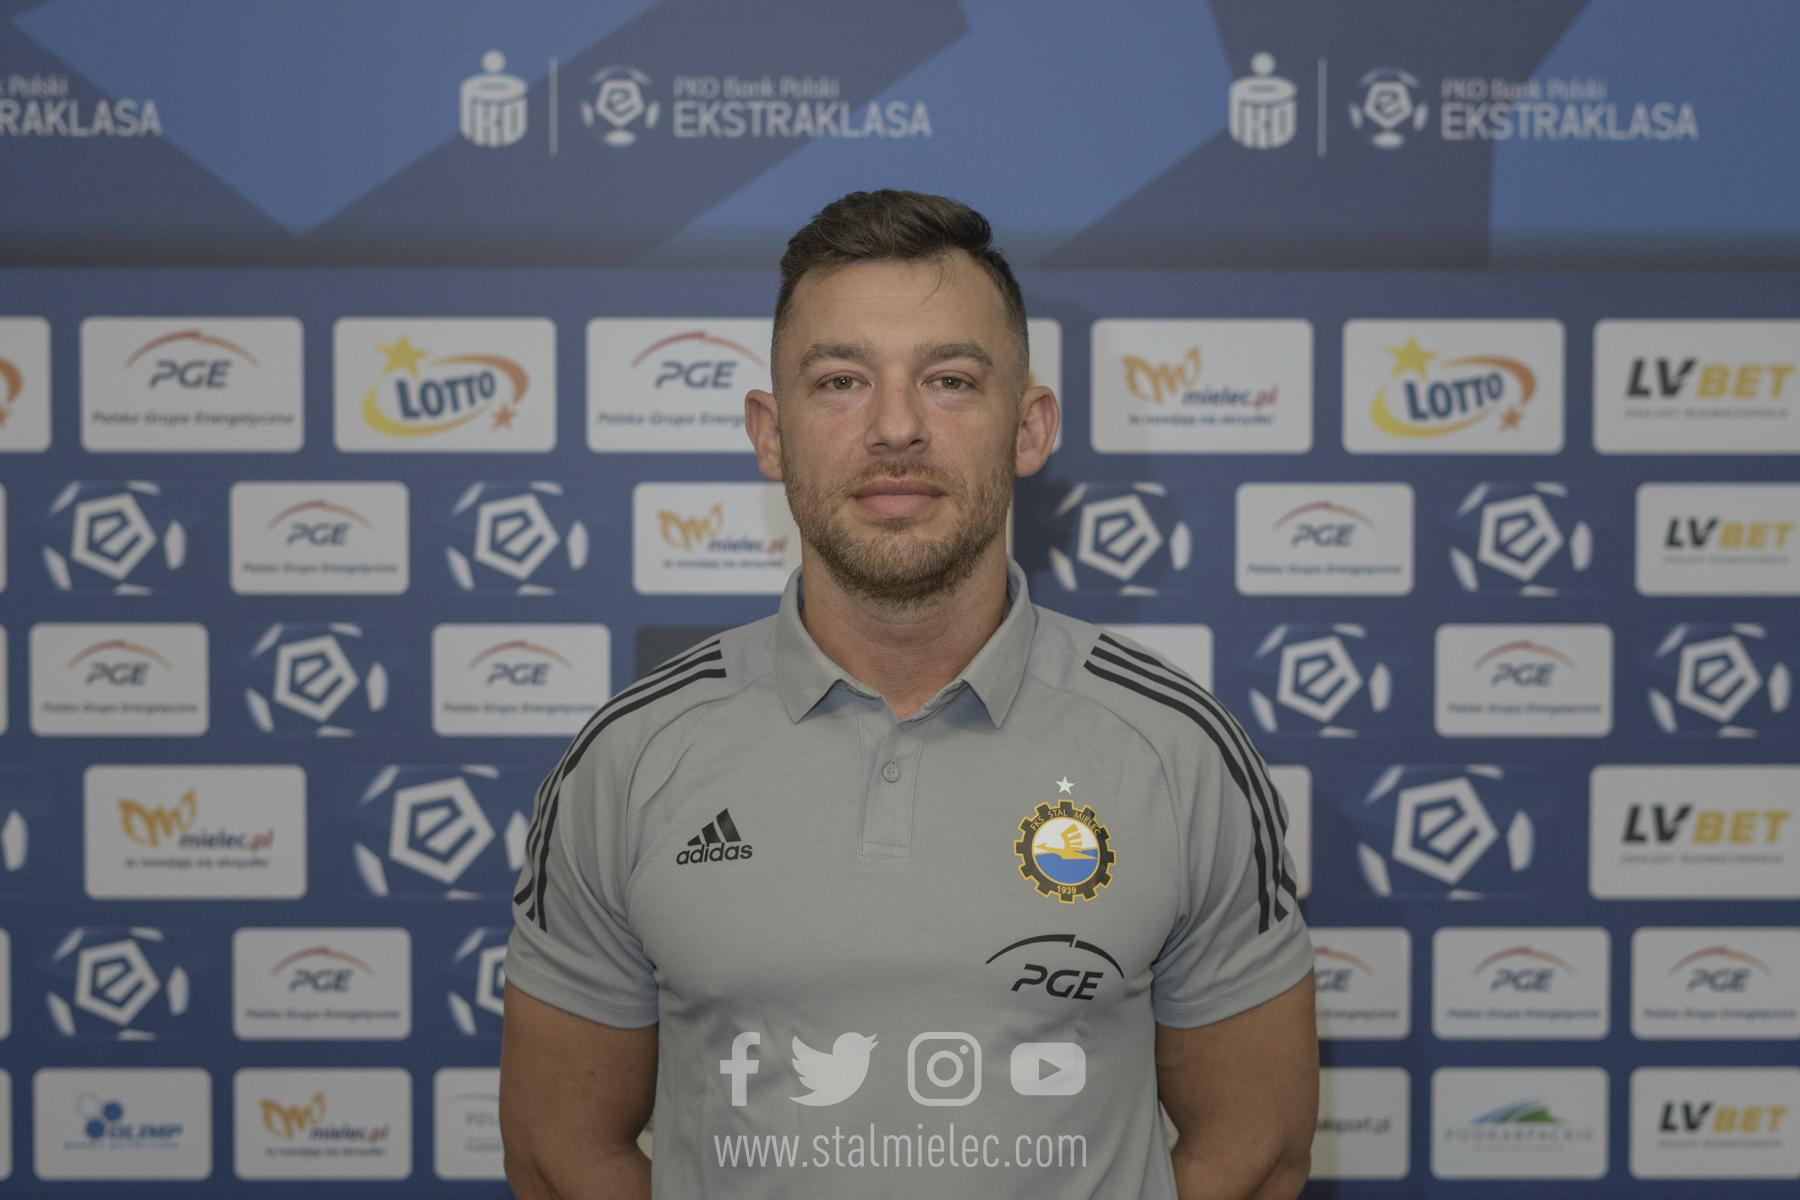 Daniel Wojtasz II Trenerem PGE FKS Stal Mielec - Zdjęcie główne